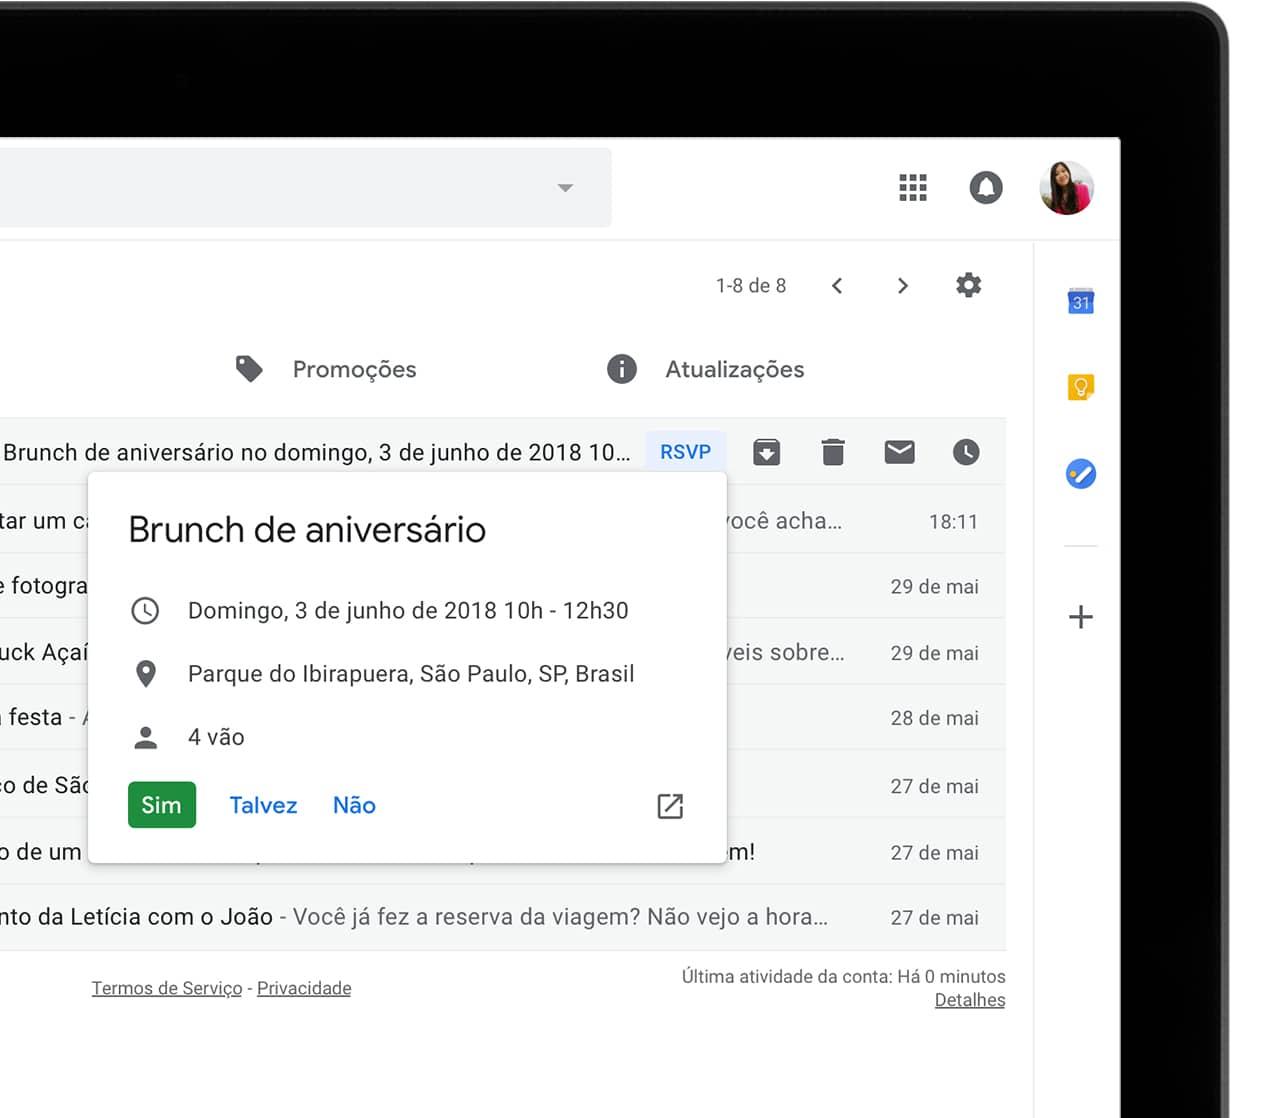 Gmail e mail e armazenamento gratuito do google faa muita coisa sem sair da caixa de entrada stopboris Gallery